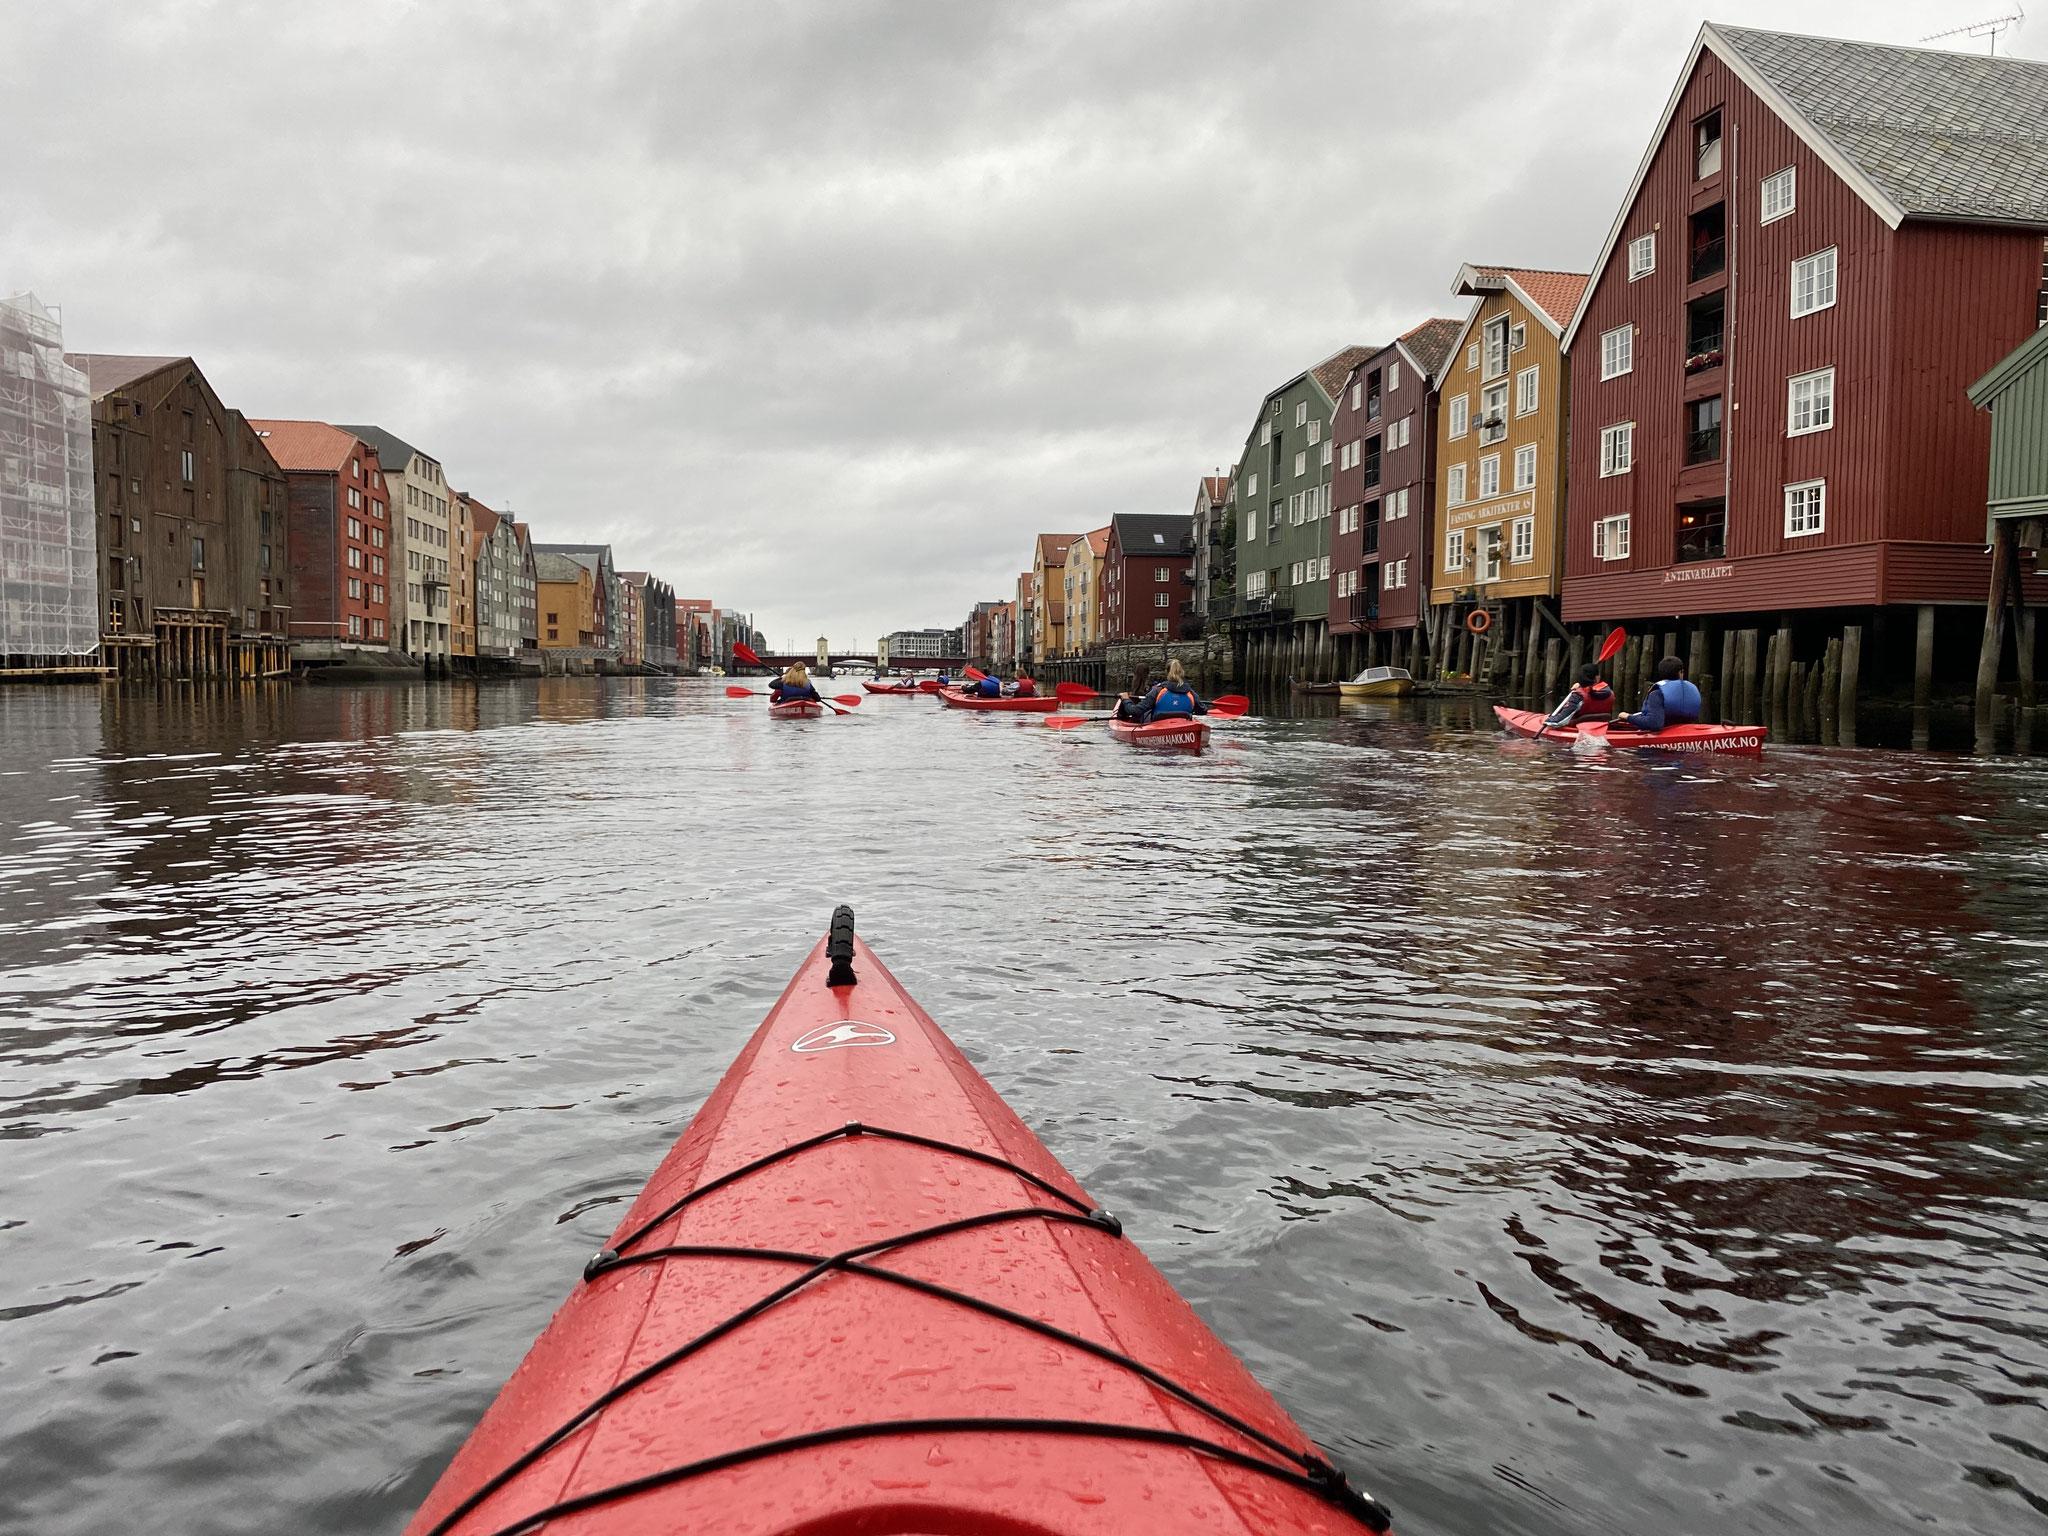 Die vielleicht schönste Art, Trondheim zu erkunden: Eine Kanutour auf der Nidelva.